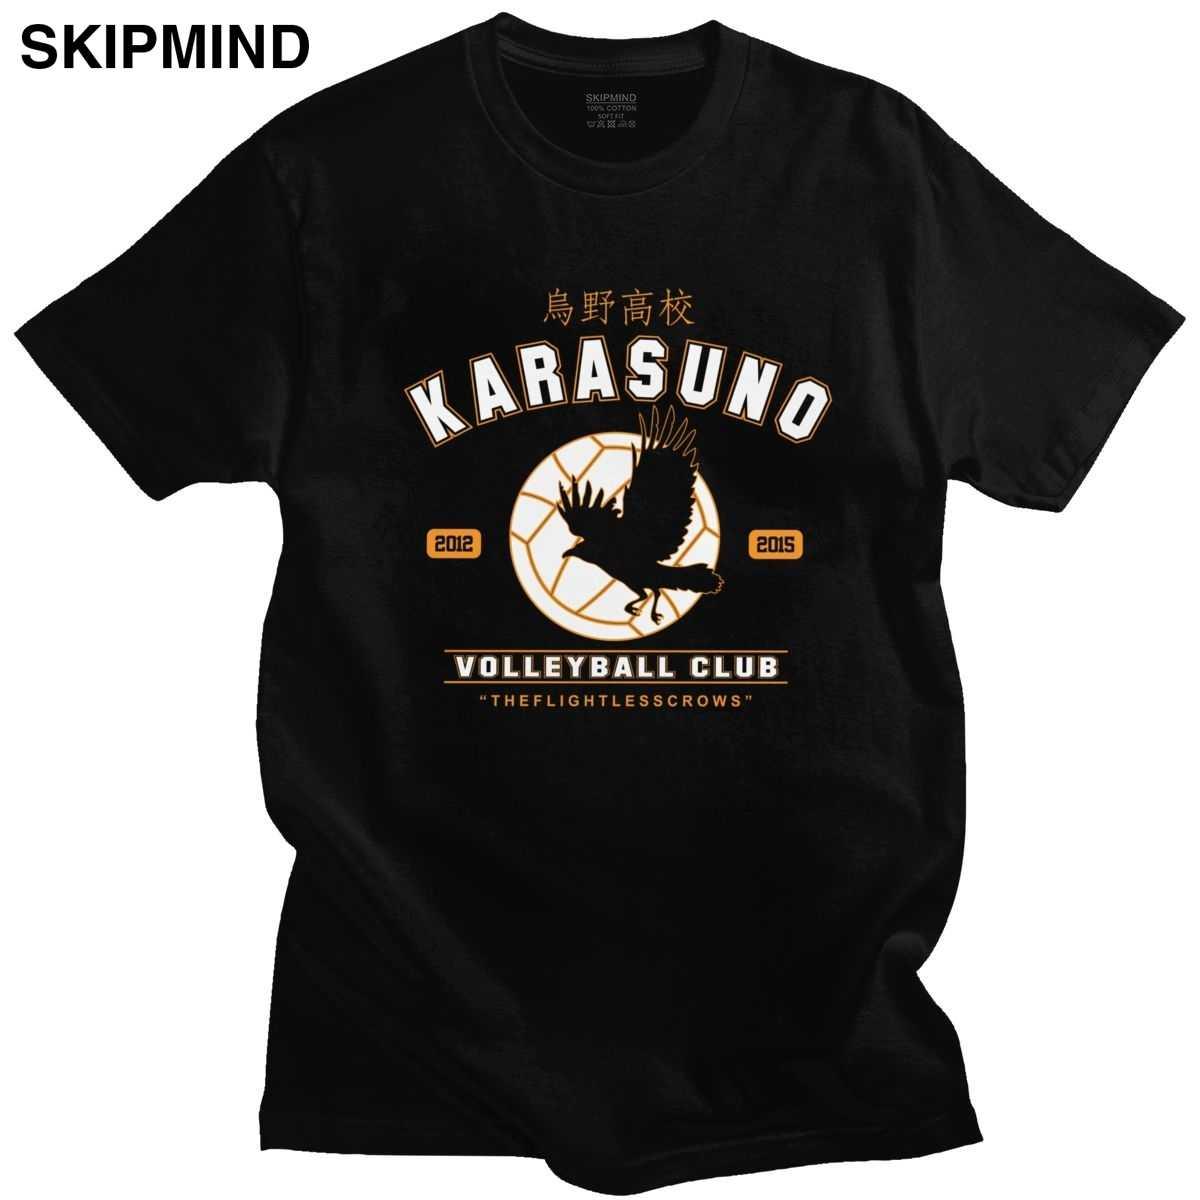 Moda męska Haikyuu Karasuno siatkówka klub orzeł T koszula z krótkim rękawem bawełniana koszulka letnia japońska Manga T-shirt prezent